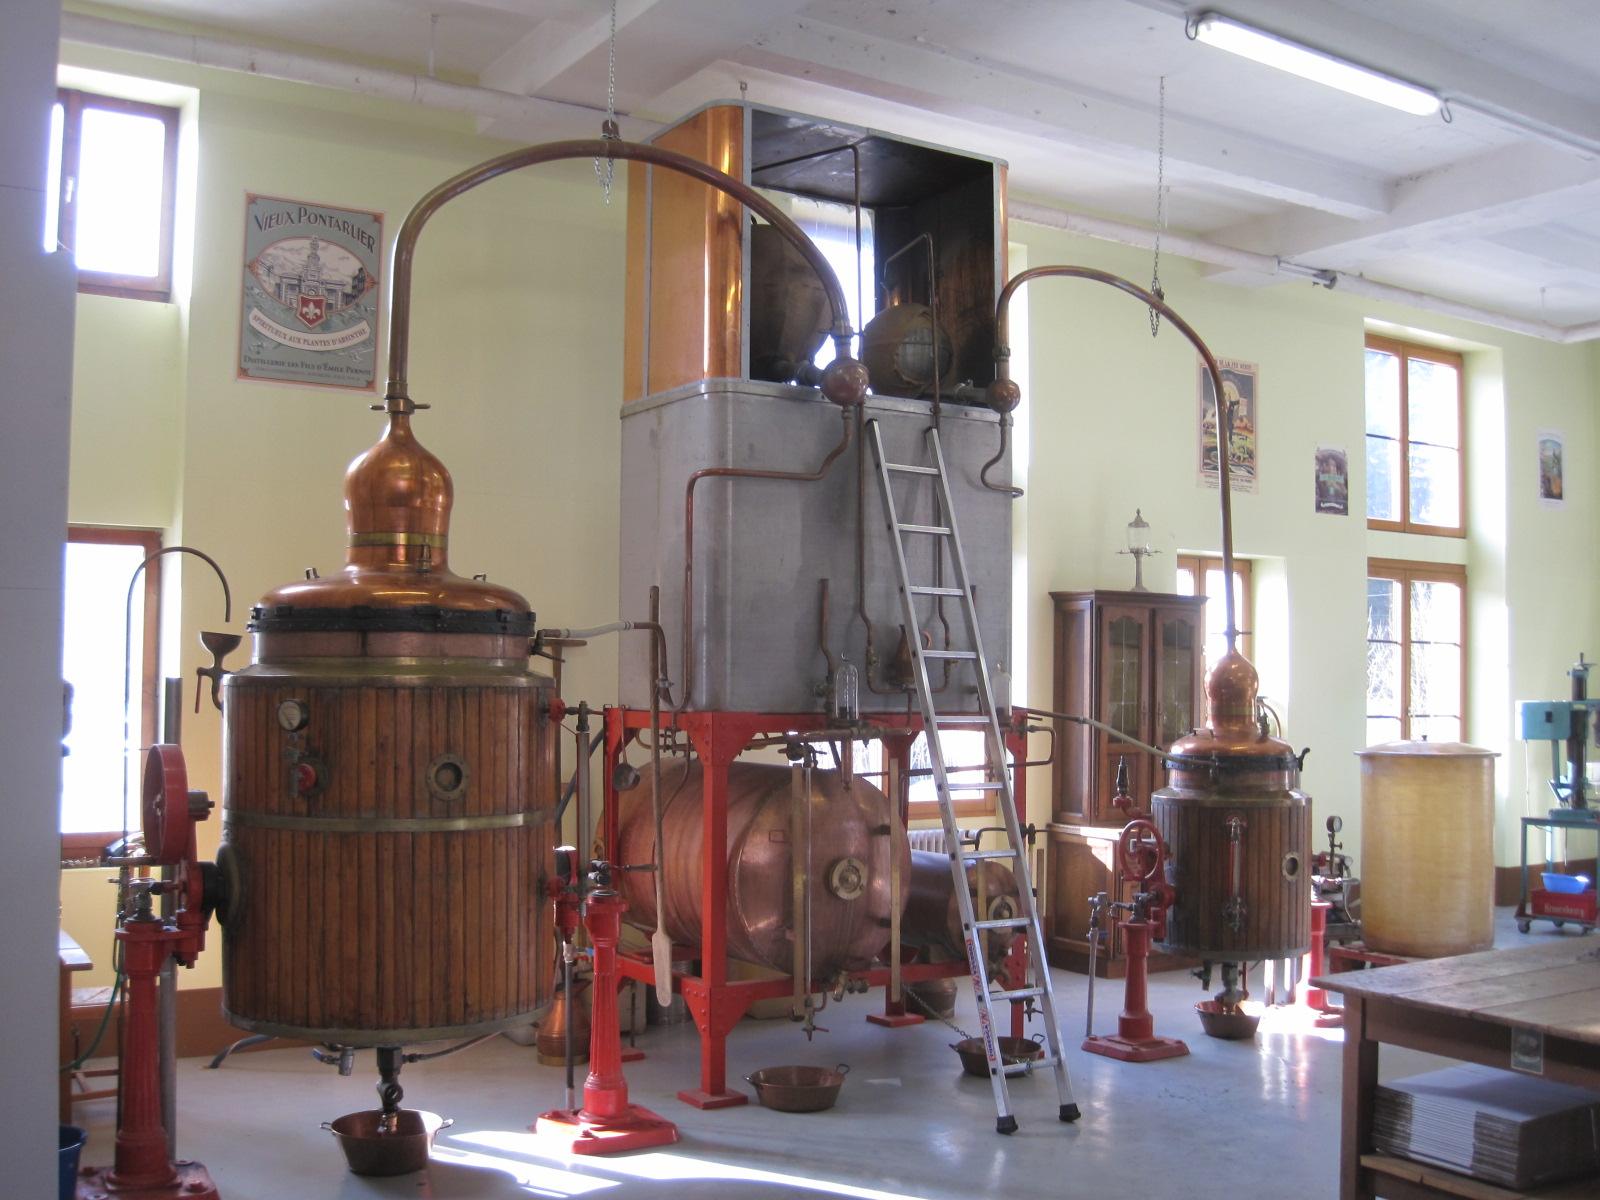 Visite théâtralisée de la distillerie Pernot